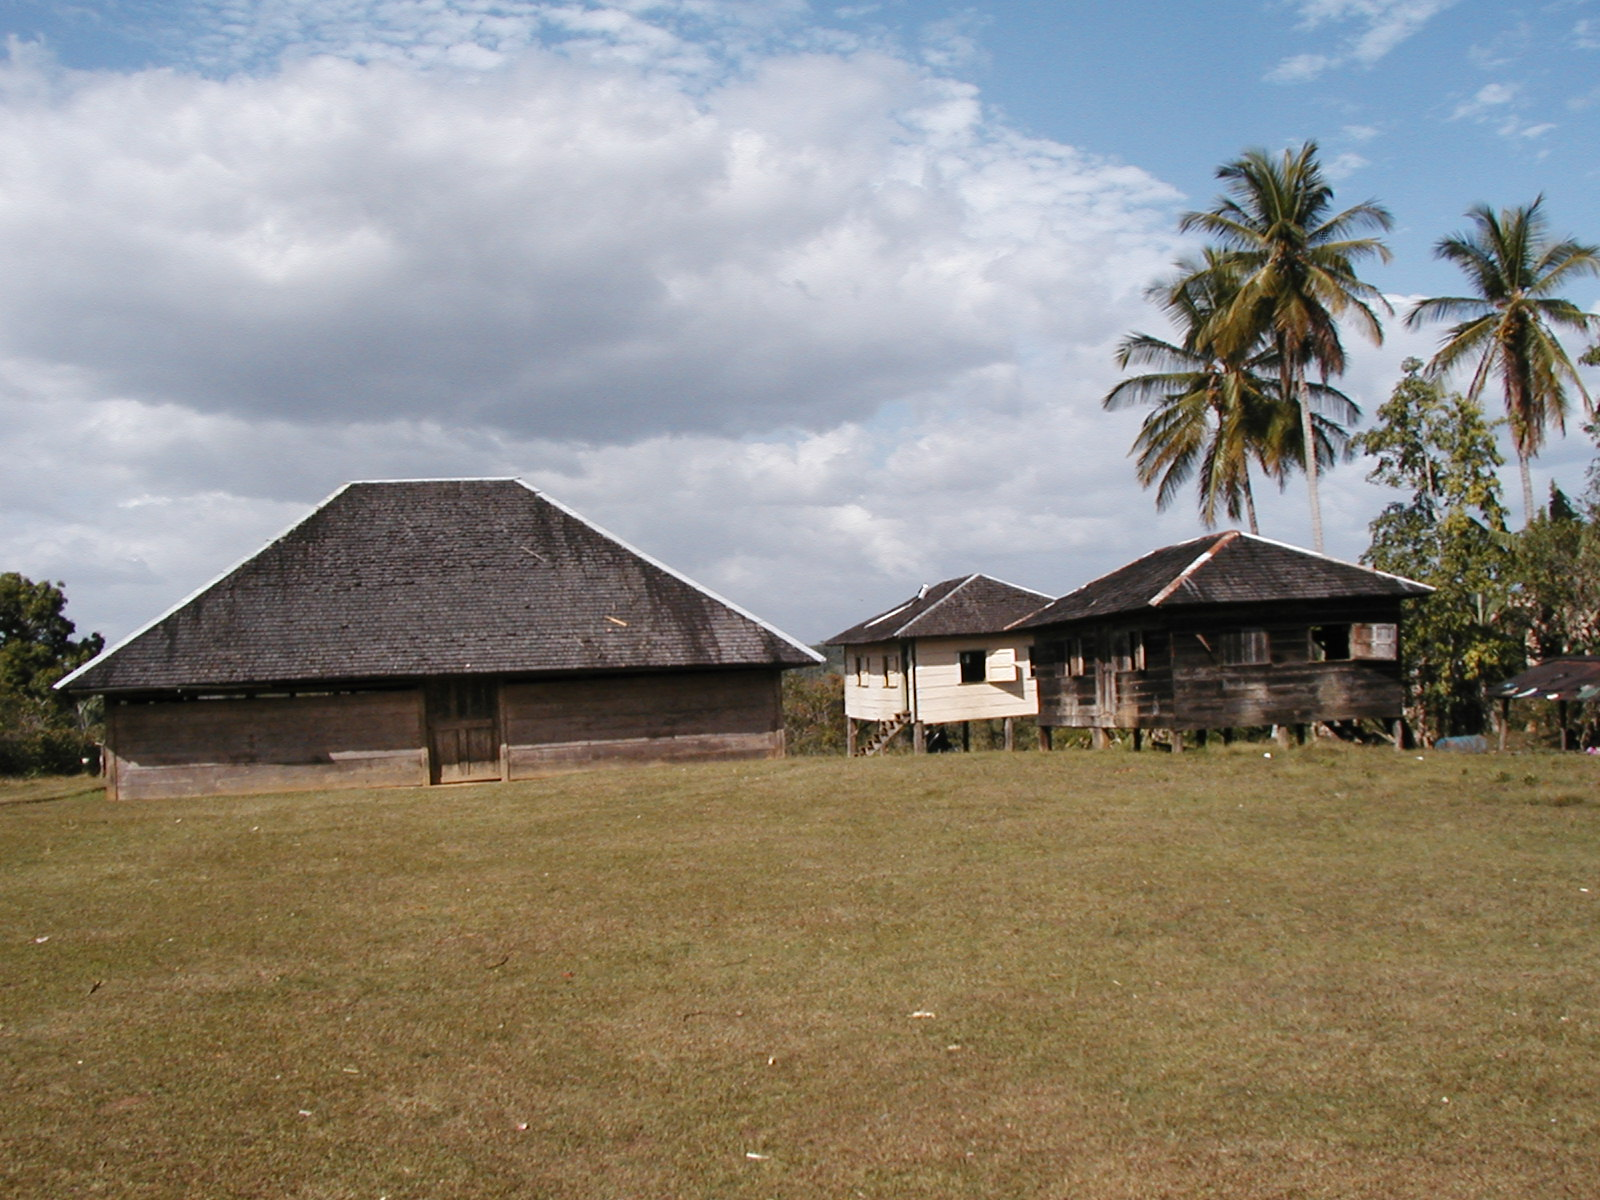 Alleluia Church building, Jawalla village